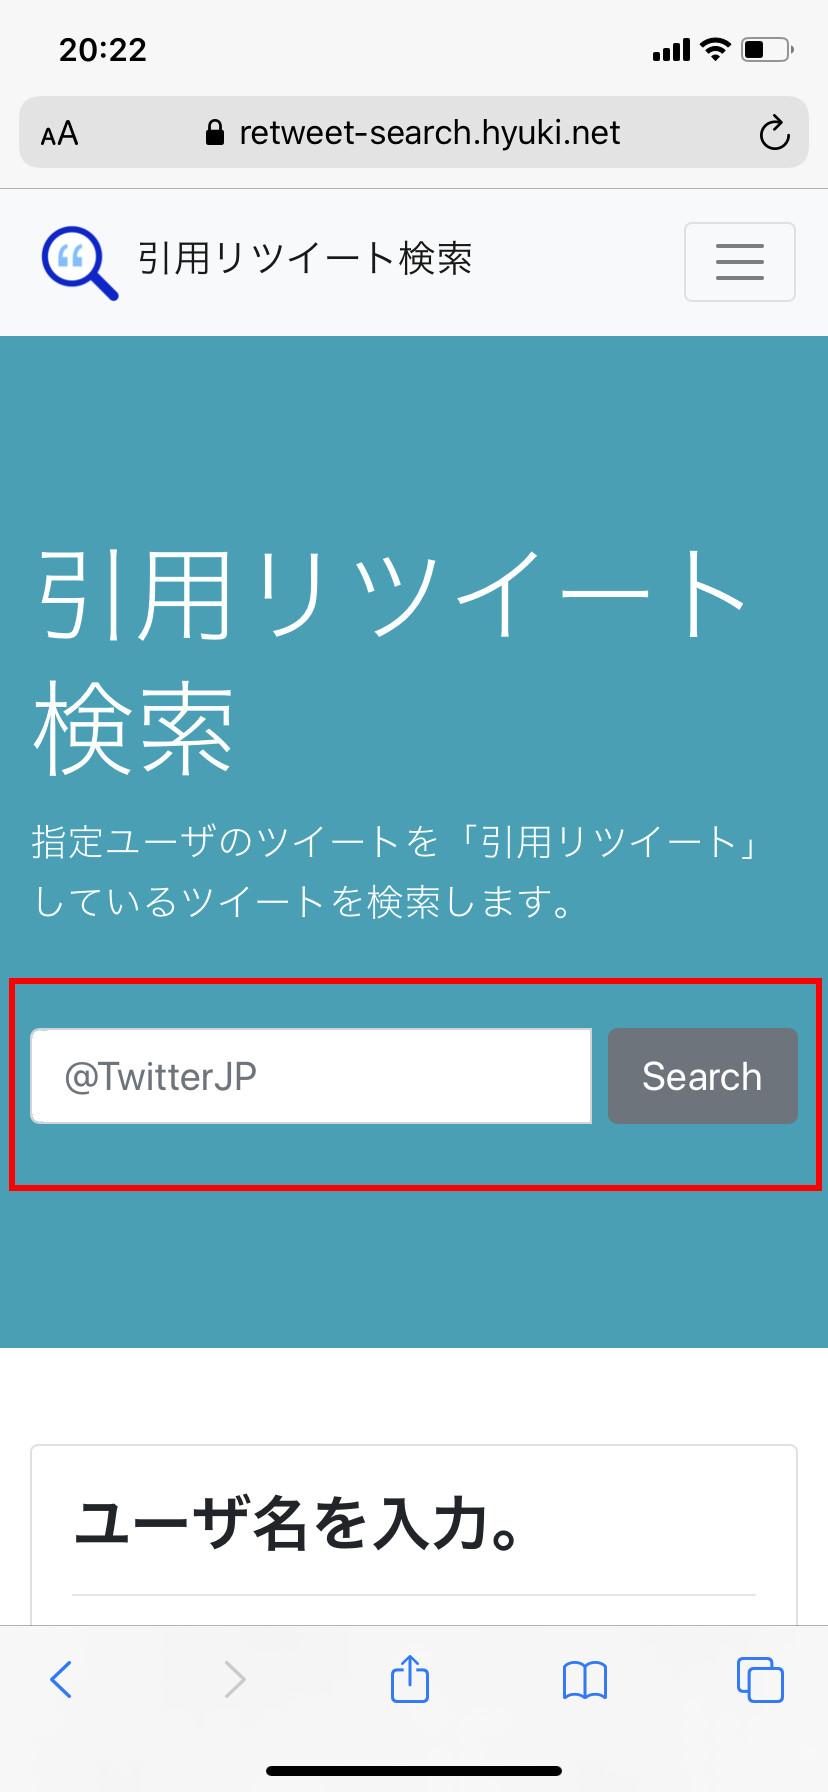 リツイート 引用 担当者はおさえておこう!Twitterの「引用リツイート」の方法と注意点まとめ 経営者の集客術